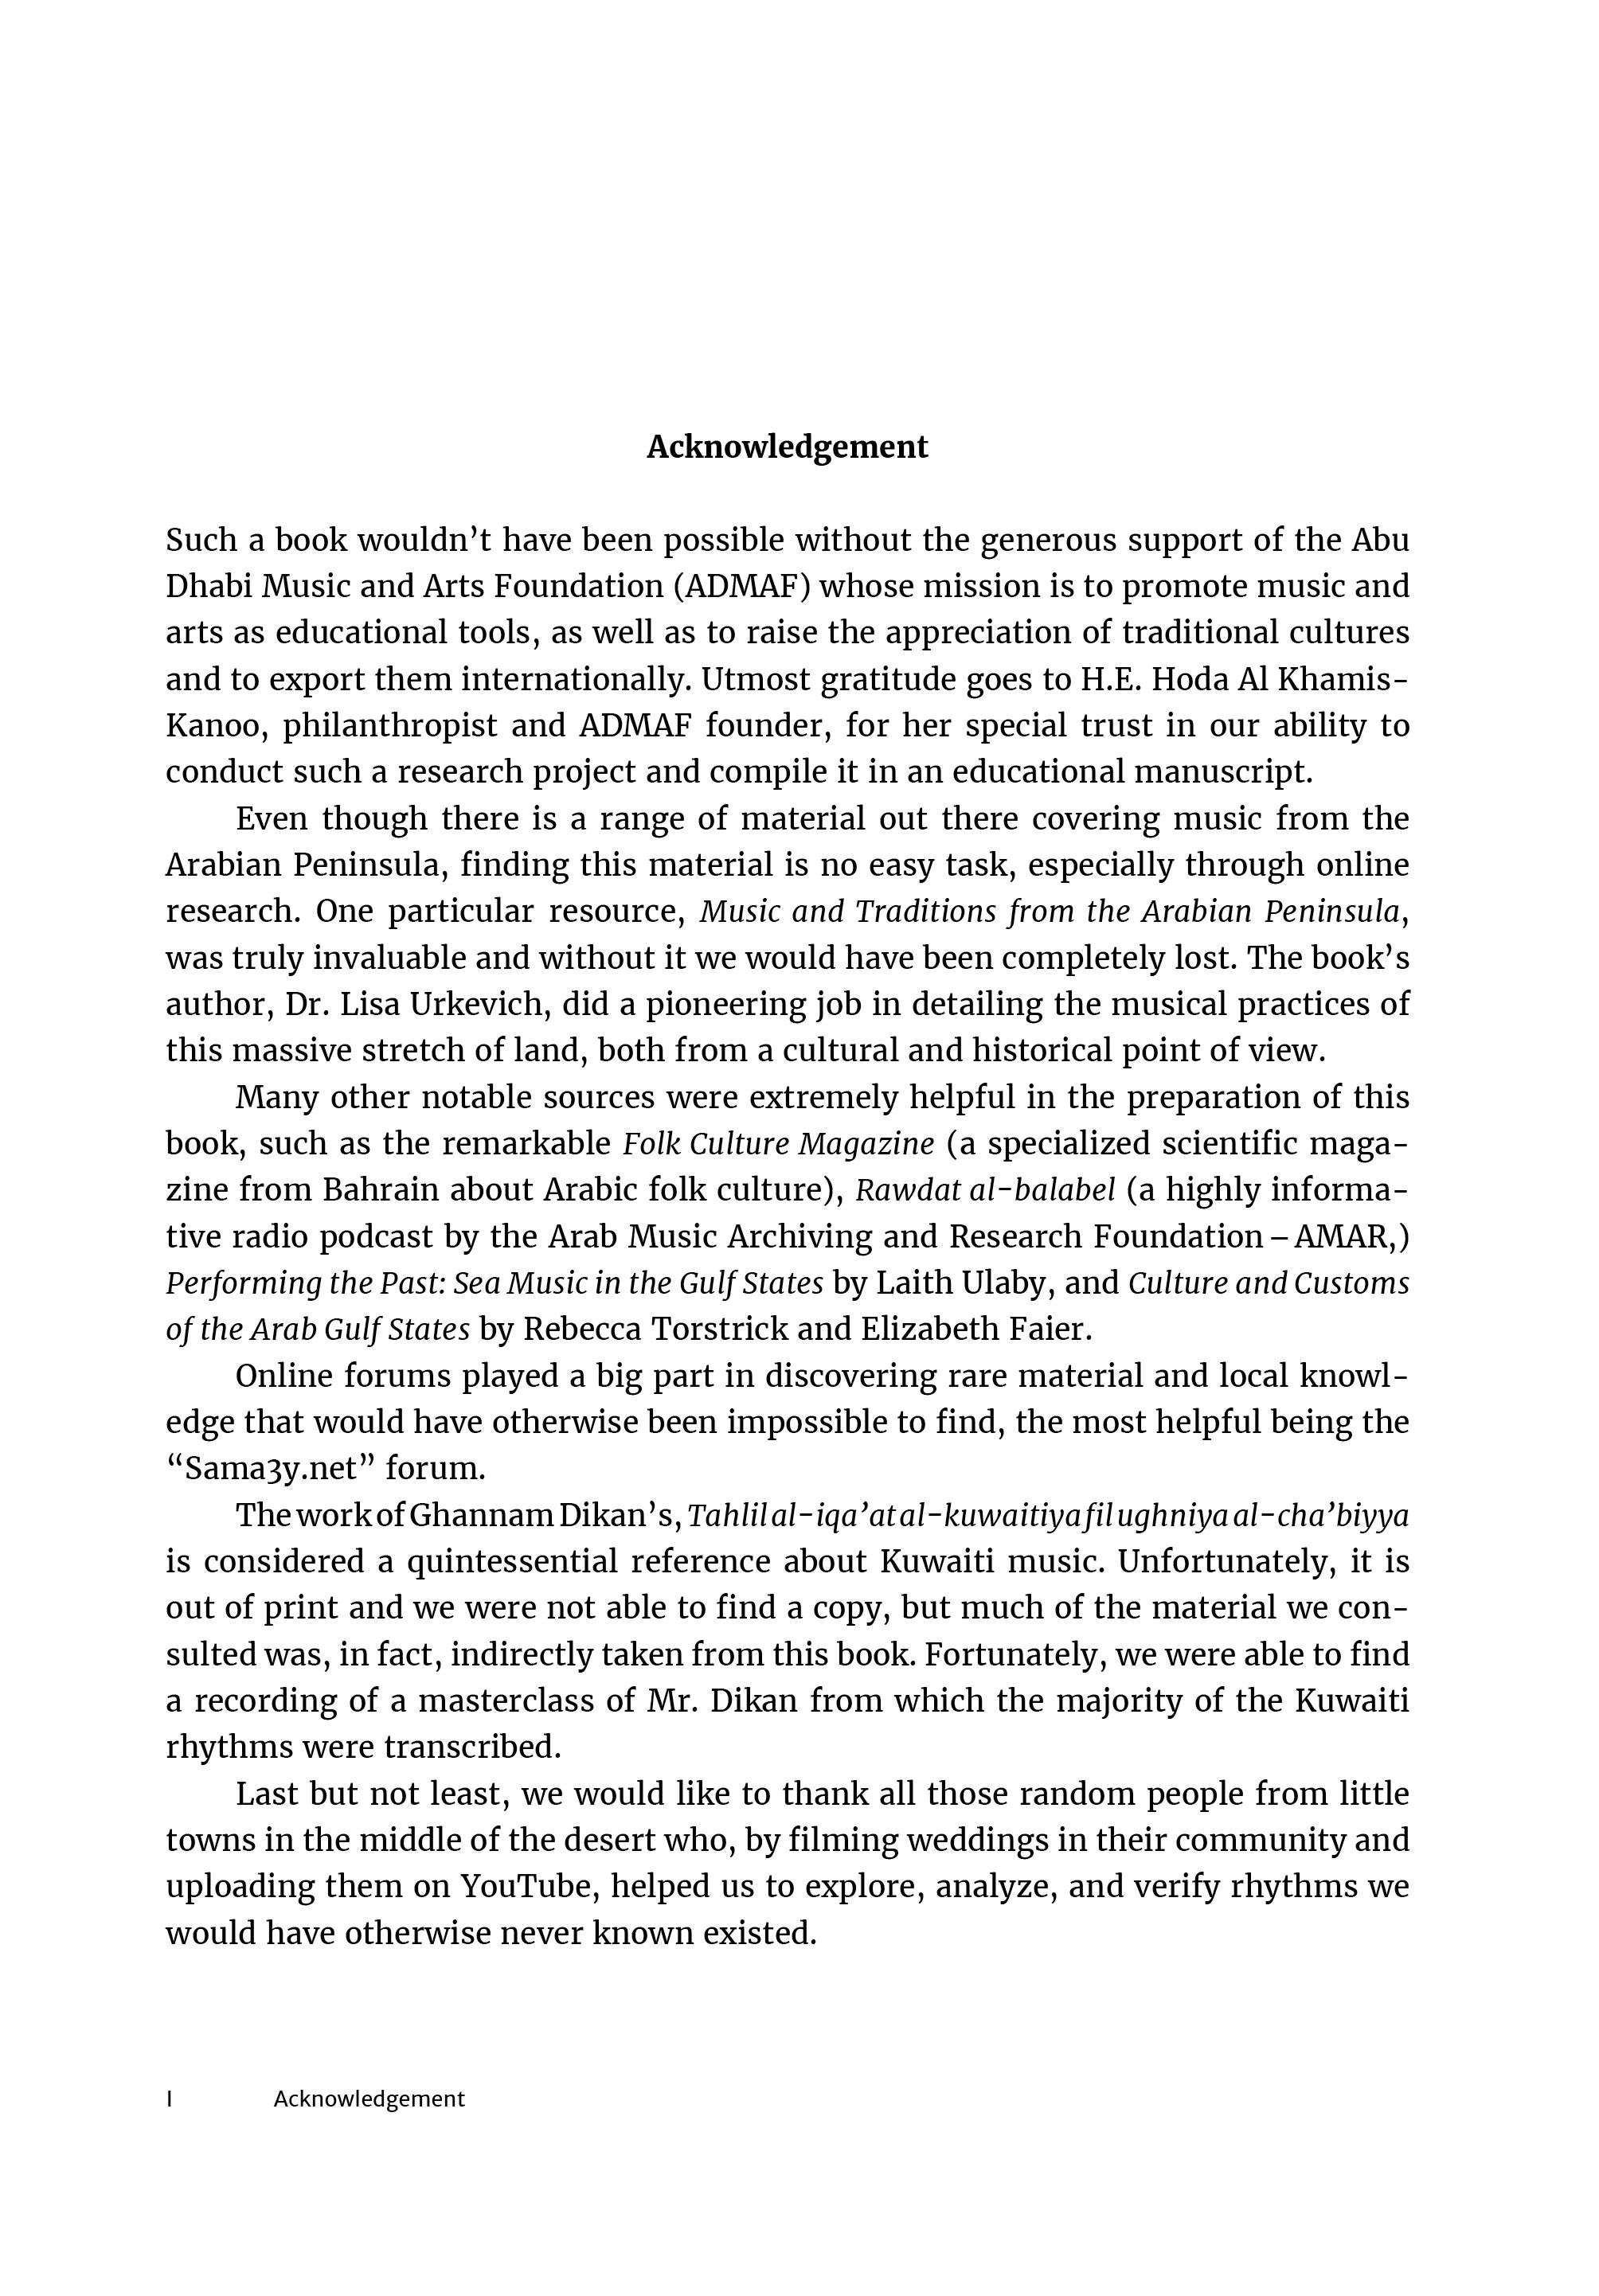 PEAP-EBook-170415-07.jpg